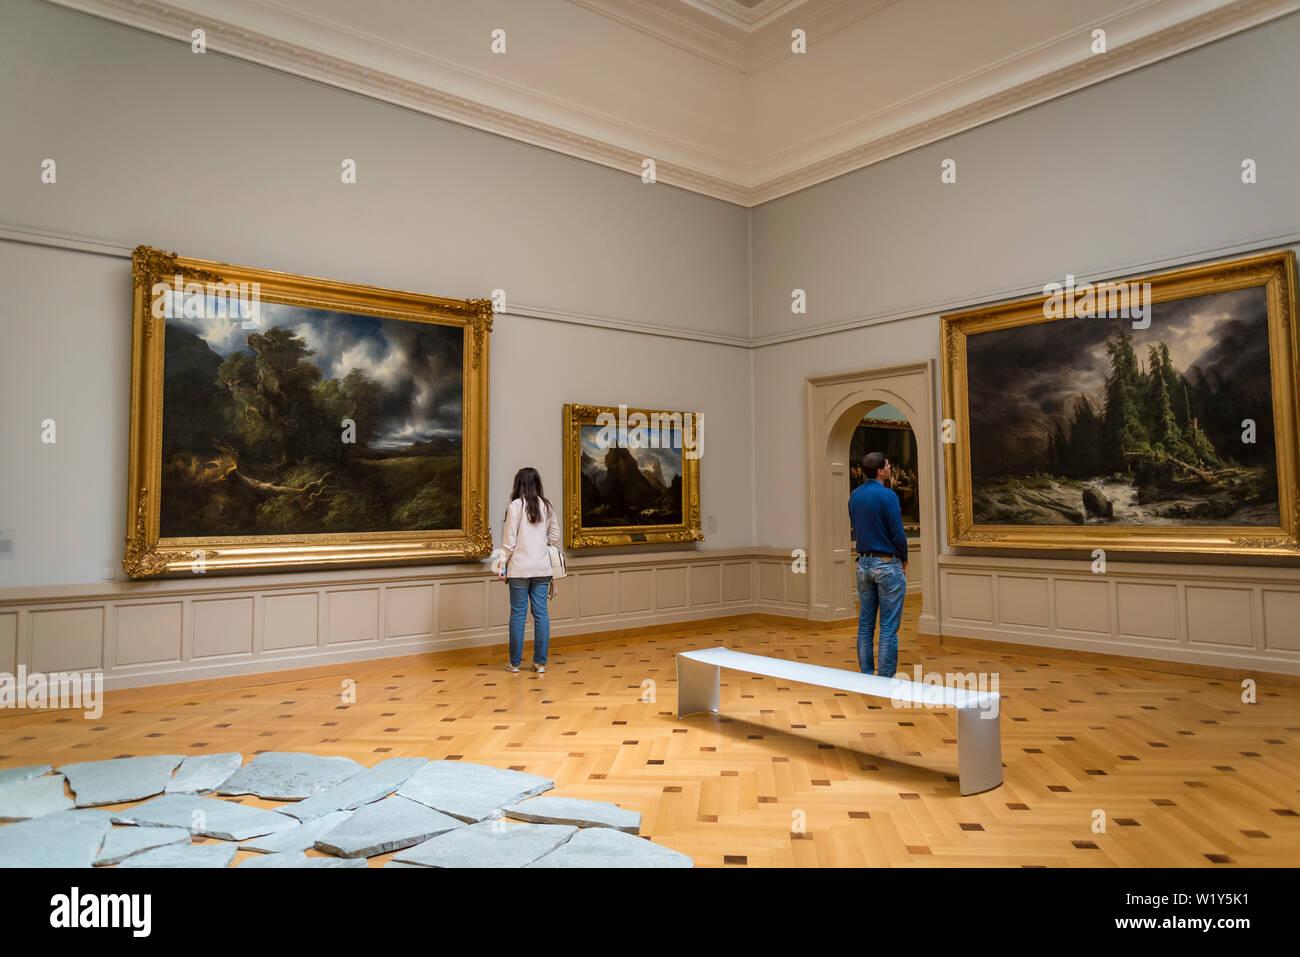 Galería con artista suizo François Diday pinturas, del siglo XIX, el museo de arte e historia, el museo más grande de la ciudad, Ginebra, Suiza. Foto de stock